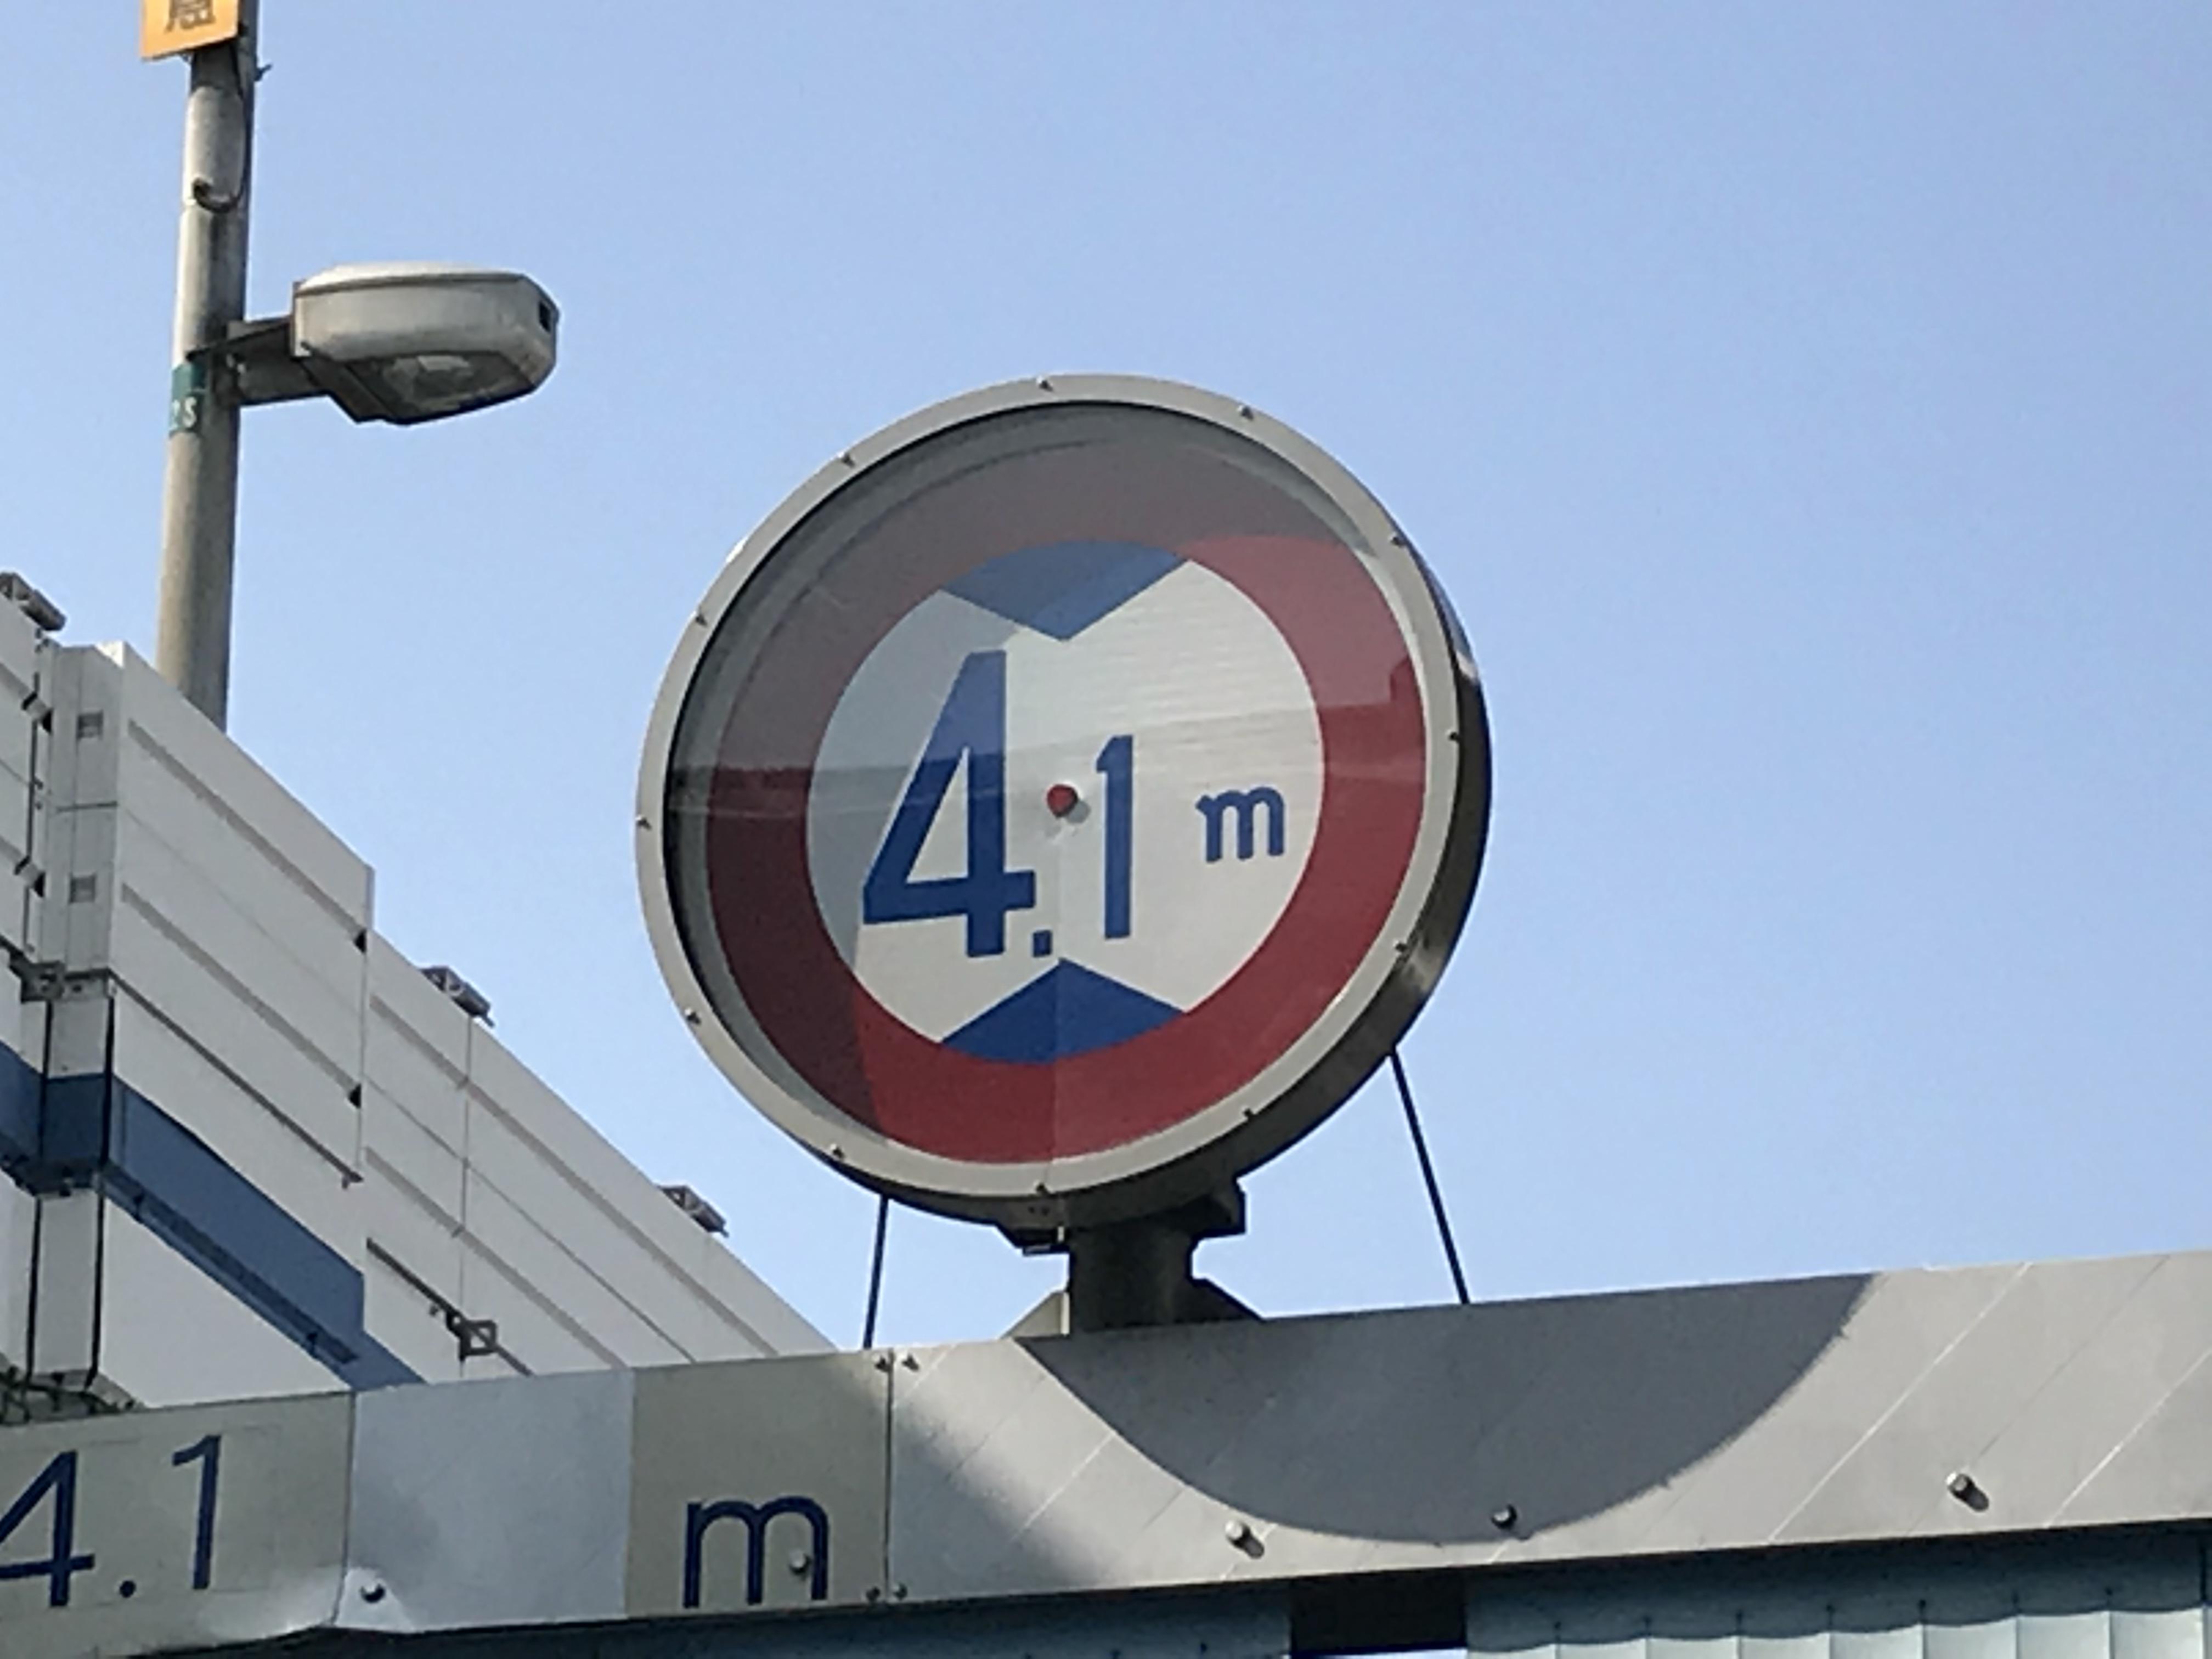 高さ制限 標識 4.1m